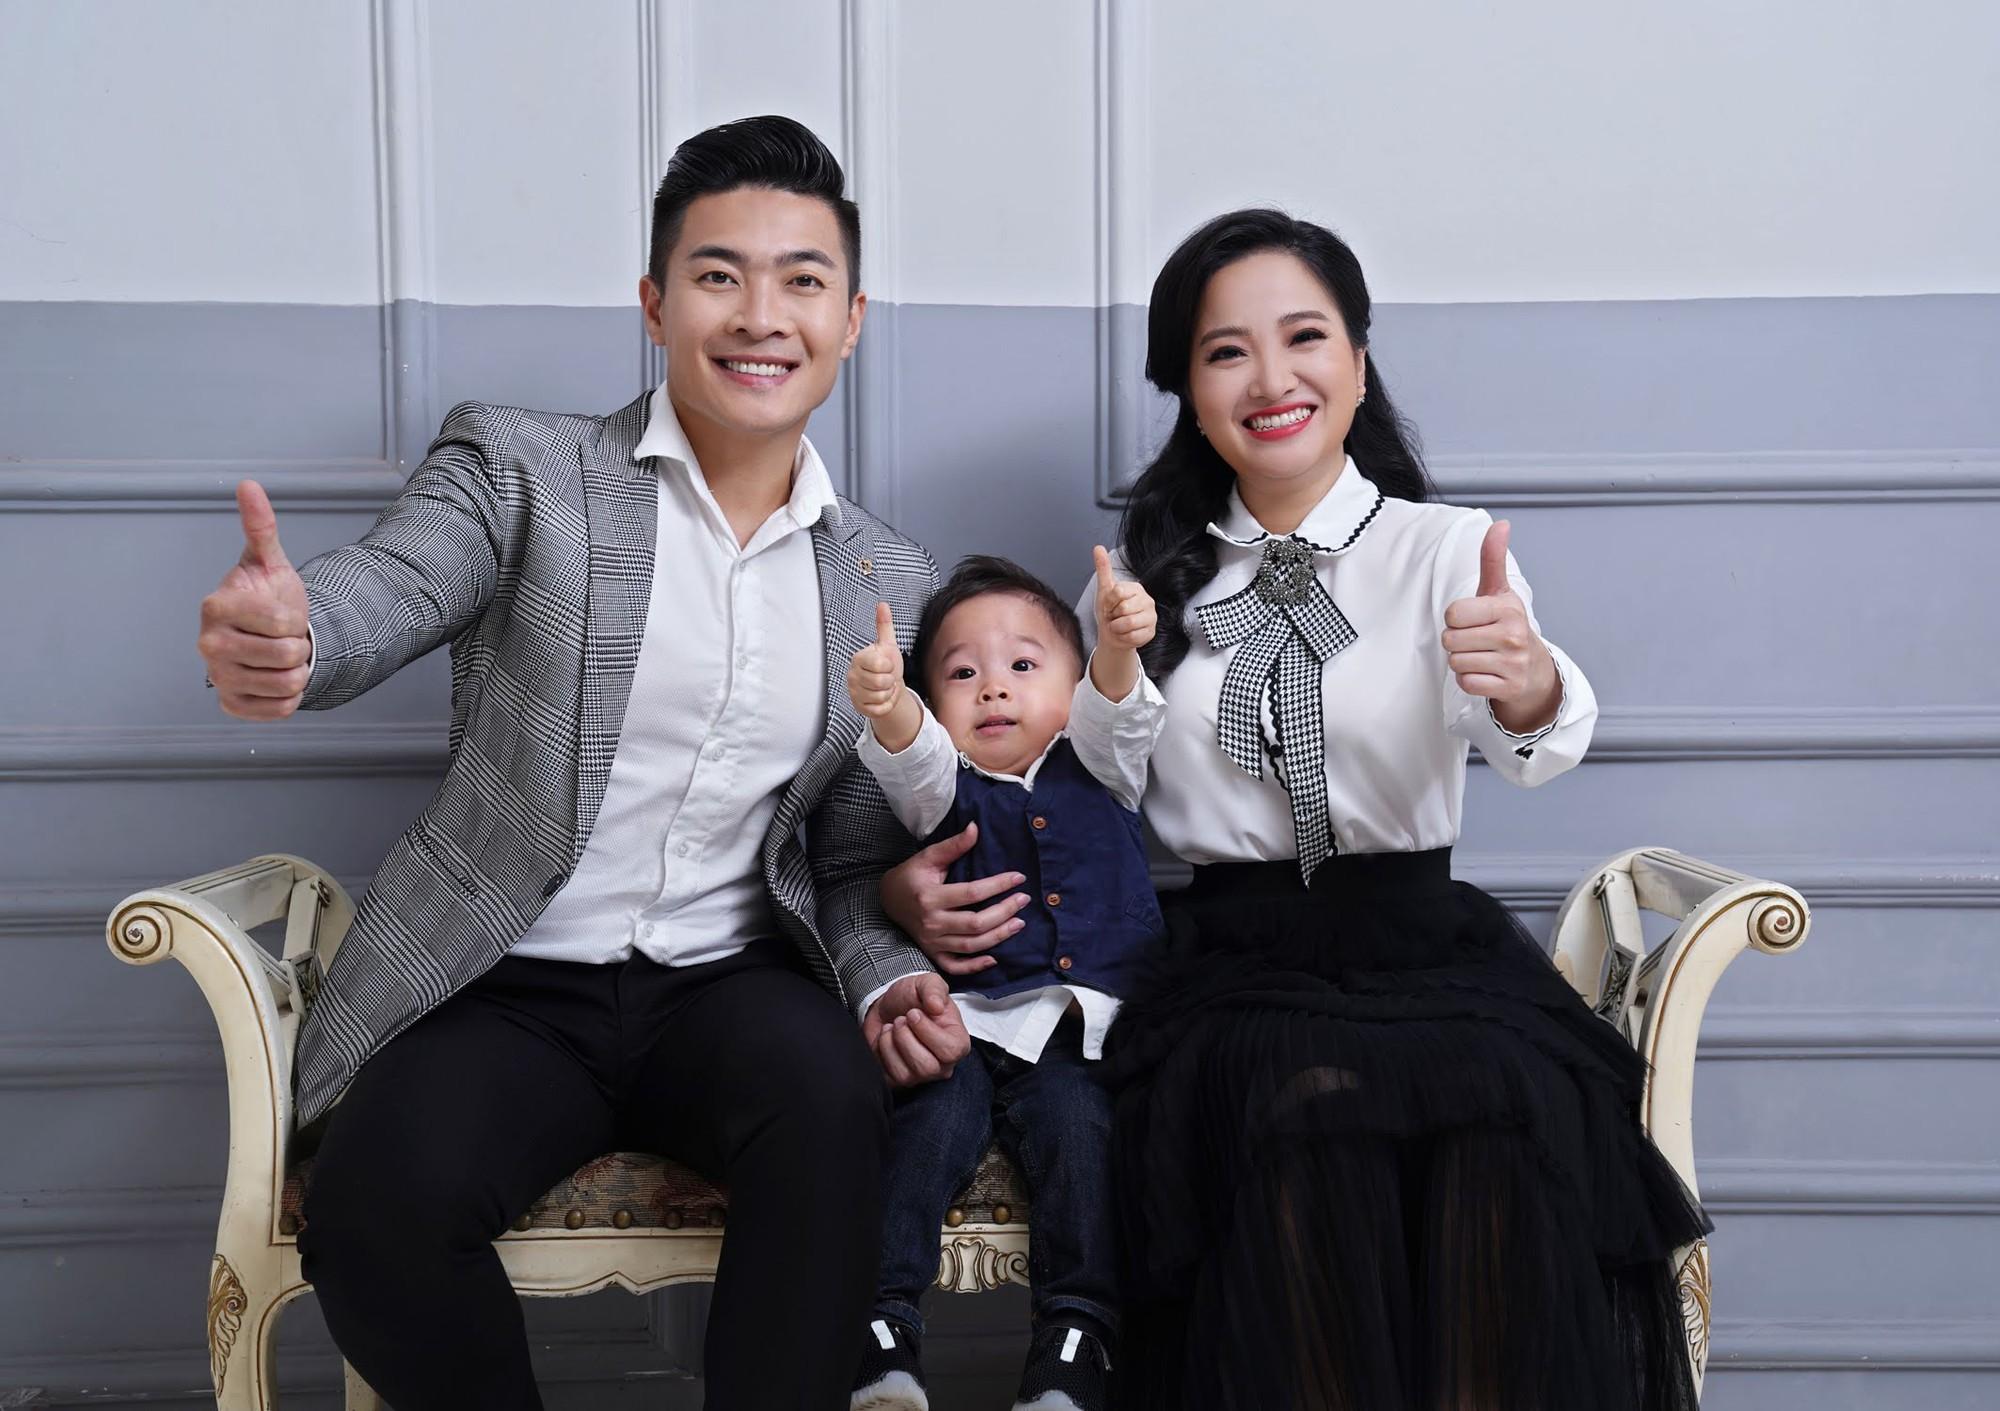 Gửi lời chúc sinh nhật vợ ngọt ngào, Quốc Cơ tiện khoe luôn con trai mới 2 tuổi đã có sở thích tập nhào lộn - Ảnh 5.